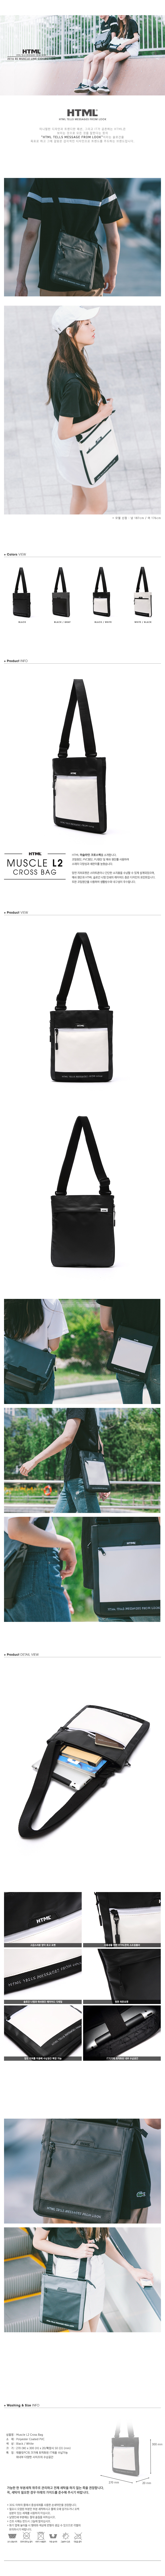 [에이치티엠엘]HTML - Muscle L2 Cross Bag (BLACK/WHITE) 가방 크로스백